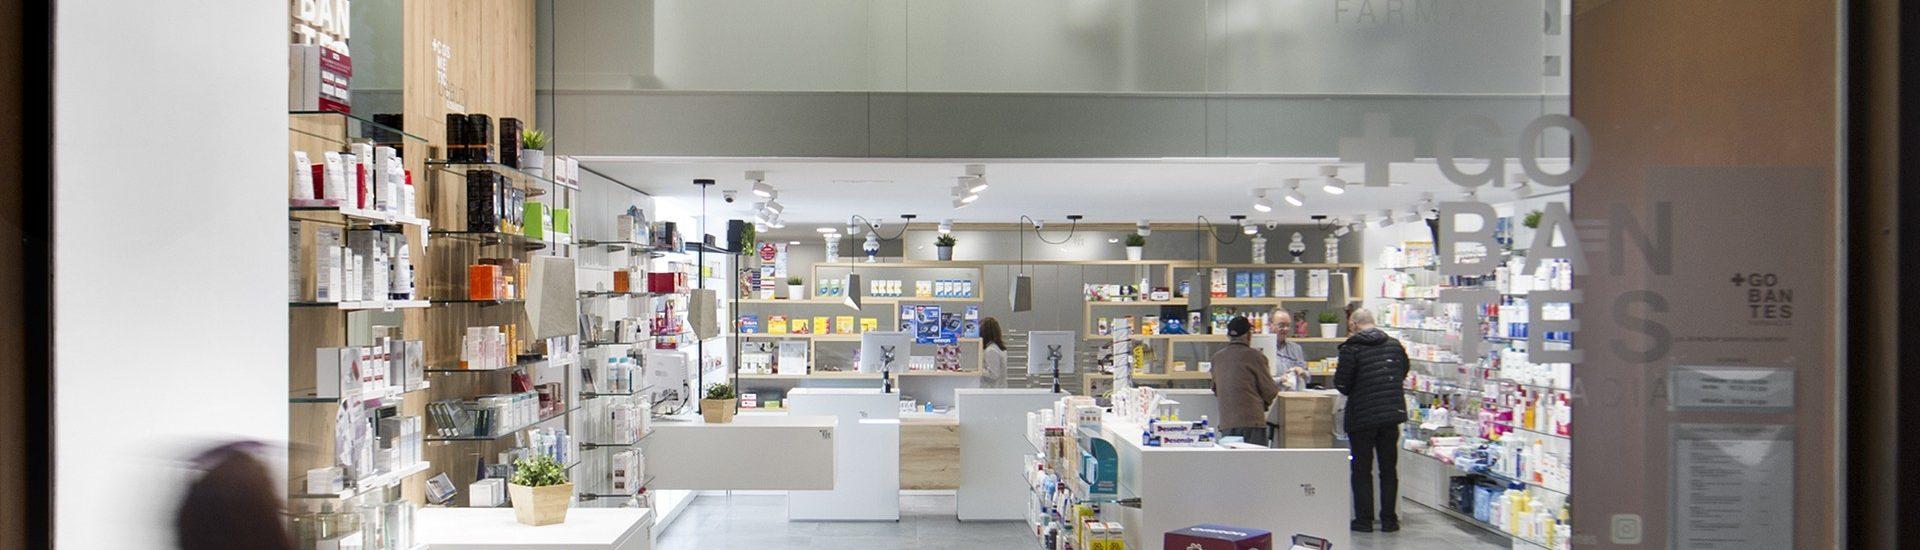 Farmacia Gobantes 2